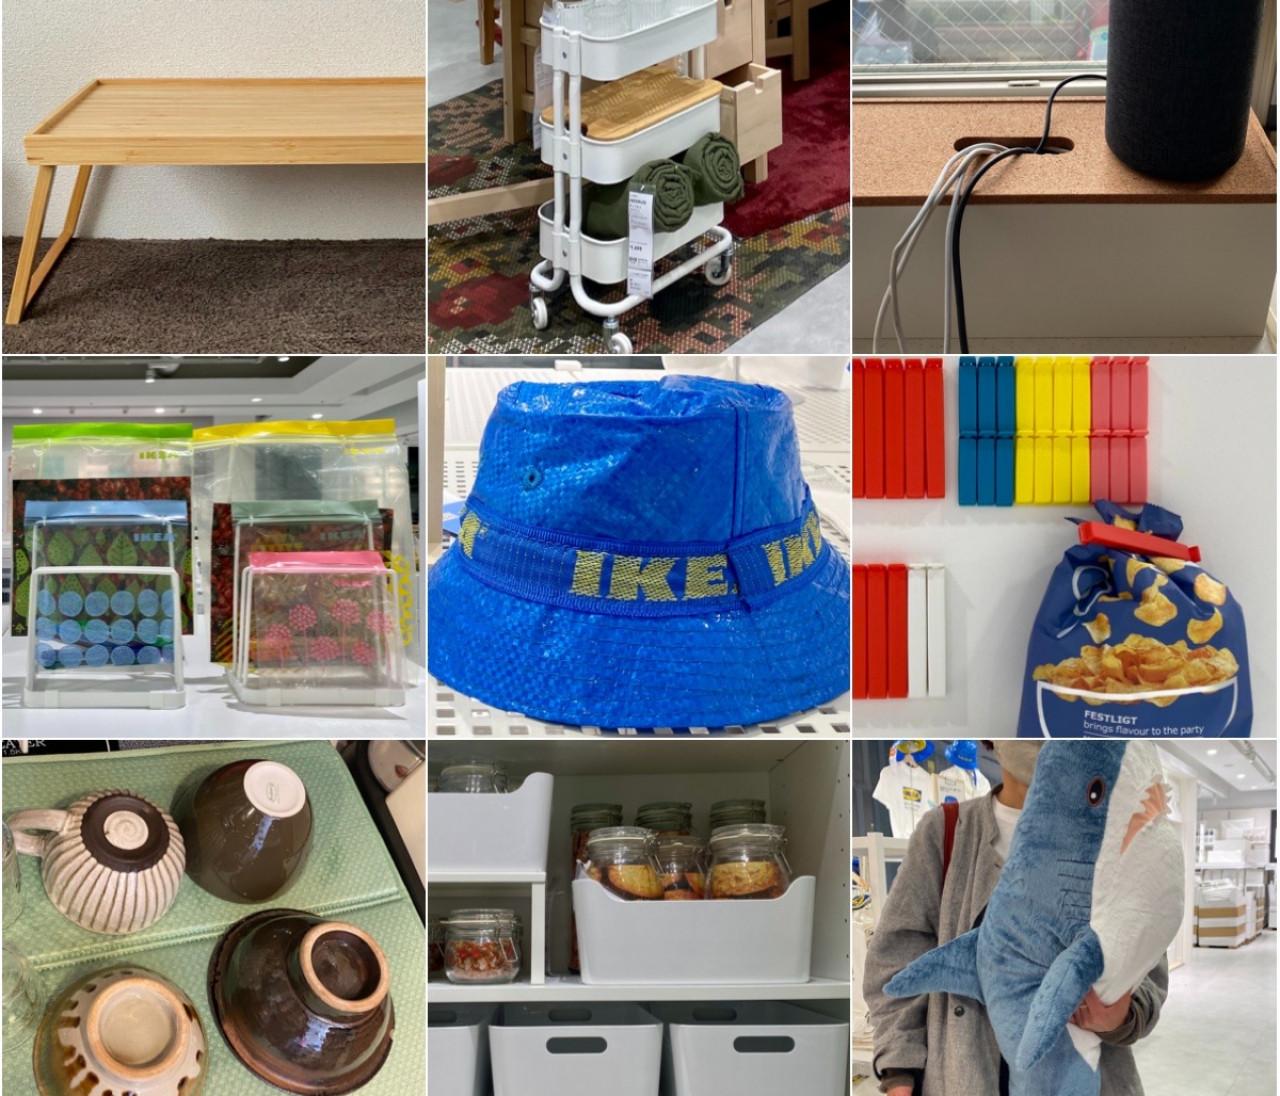 【イケア(IKEA)】渋谷で買って本当によかった! 2021年在宅QOL爆アゲおすすめアイテム8選+渋谷店紹介レポ